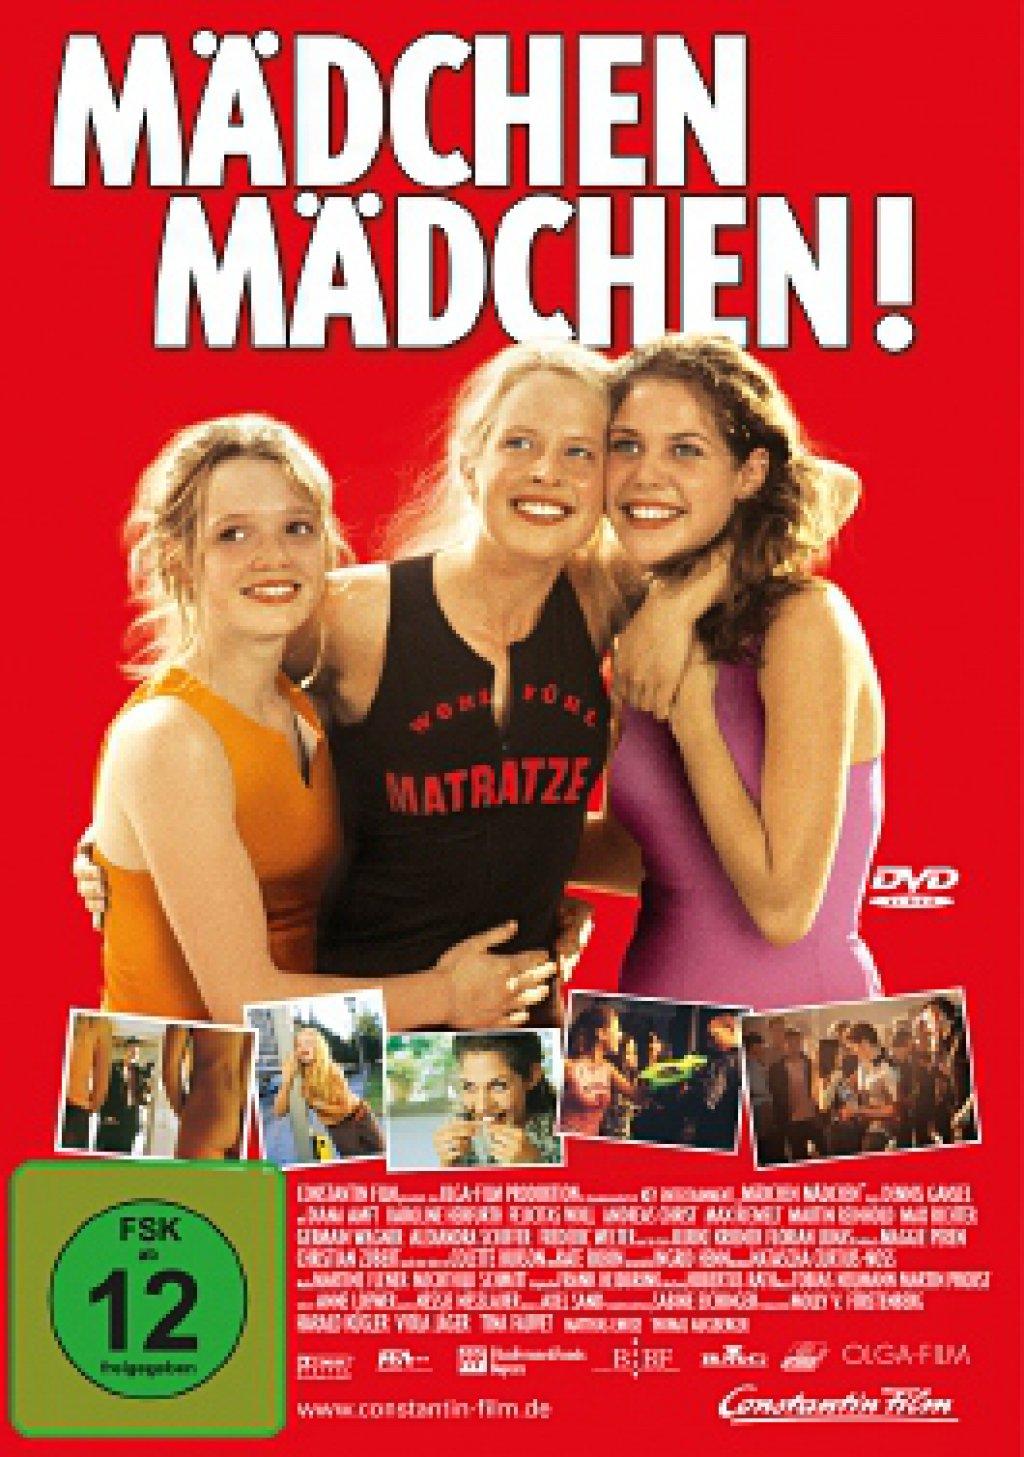 Mädchen Mädchen! - Neuauflage (DVD)